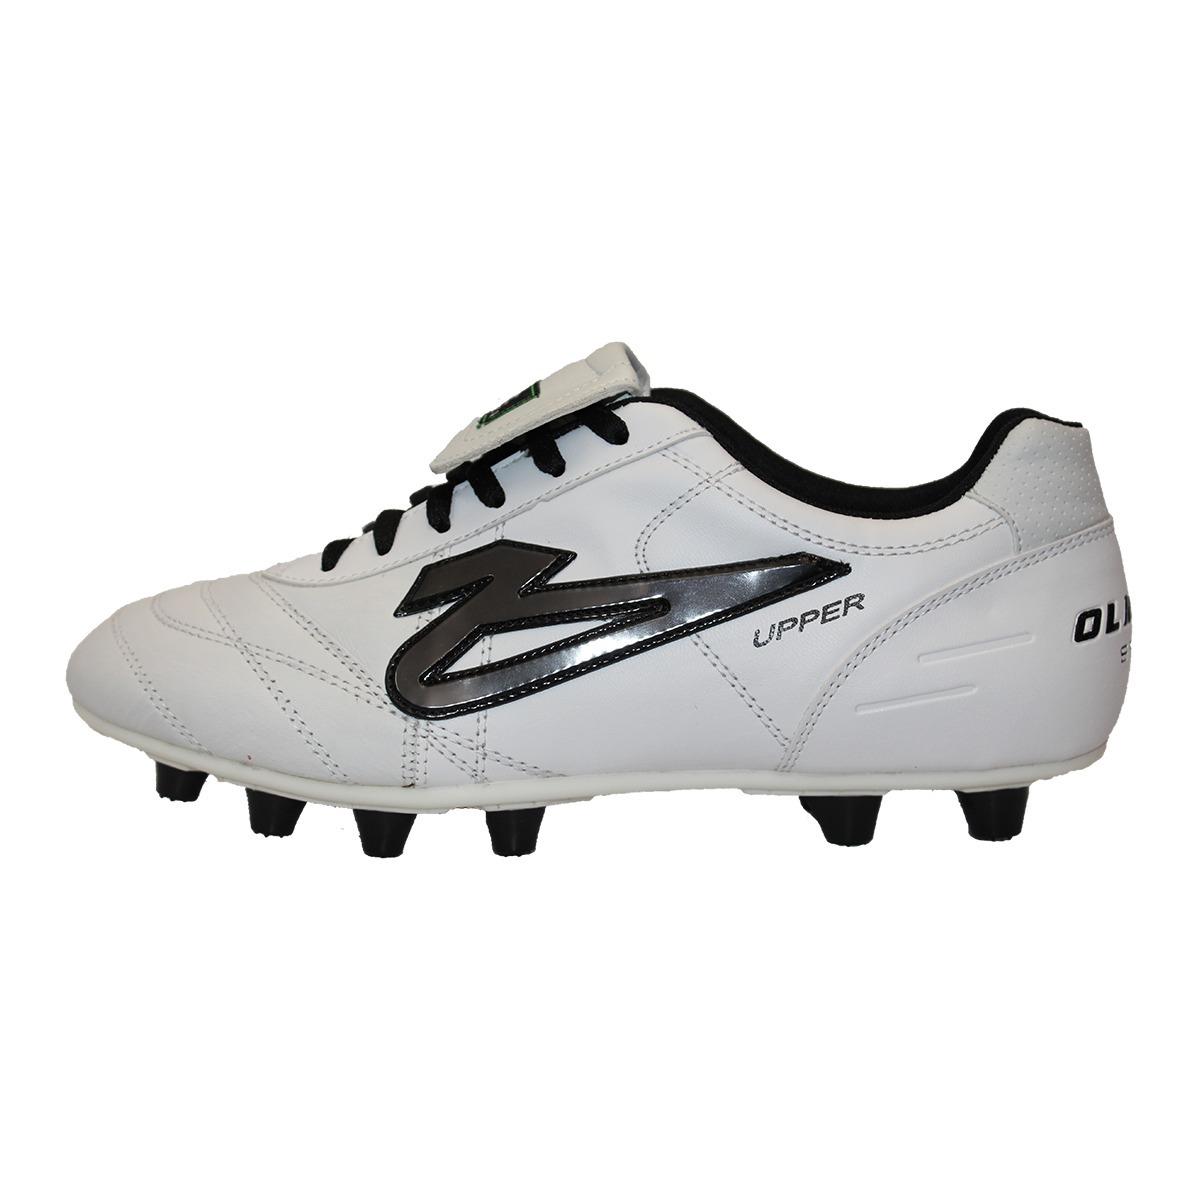 48bf84310424f Zapatos de futbol olmeca upper blanco piel en mercado libre jpg 1200x1200 Futbol  olmeca